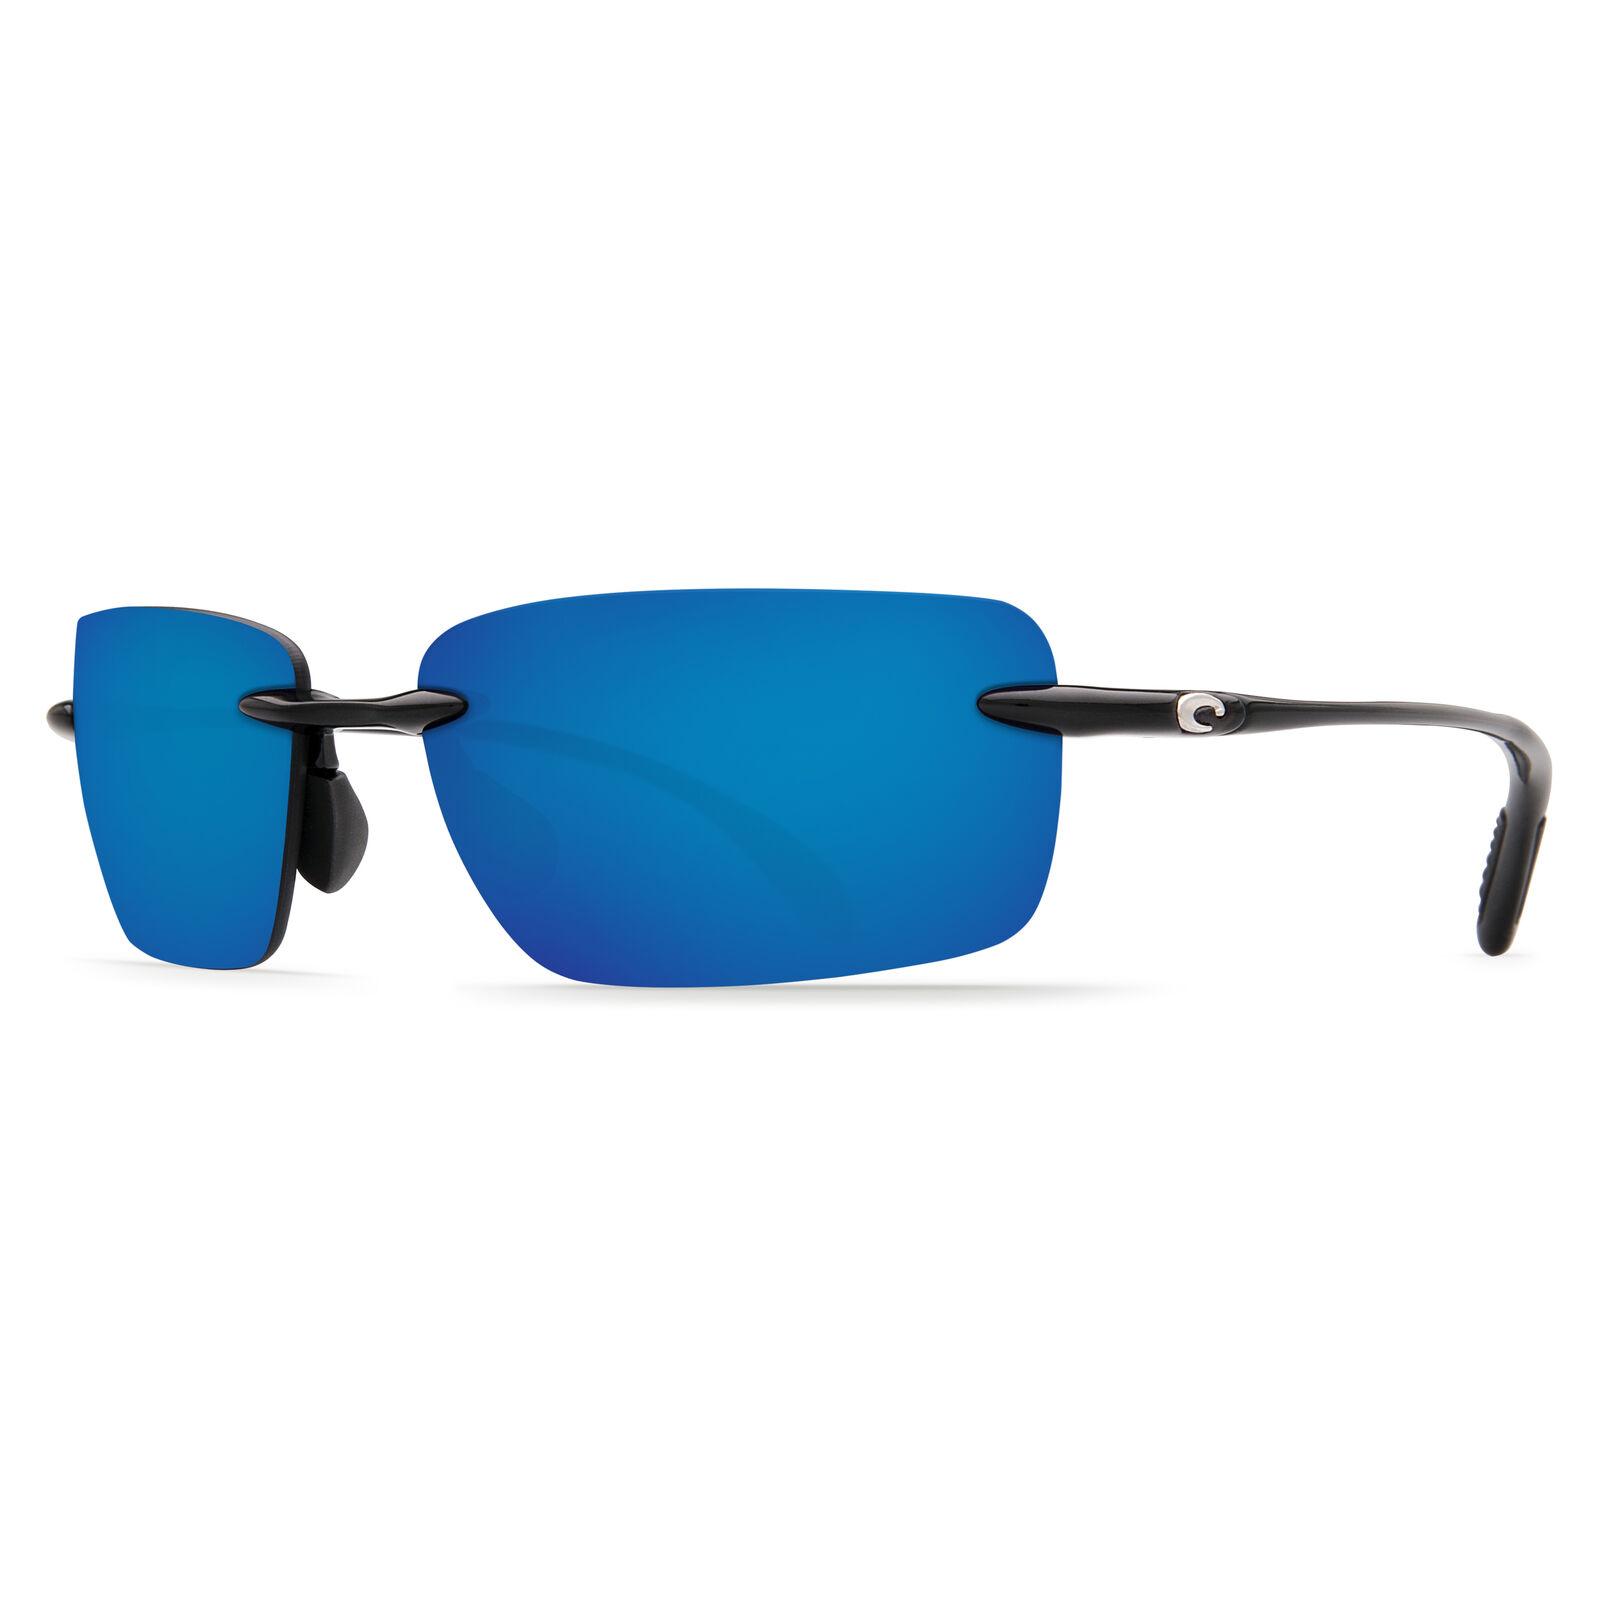 Costa Del Mar Oyster Bay Sunglasses